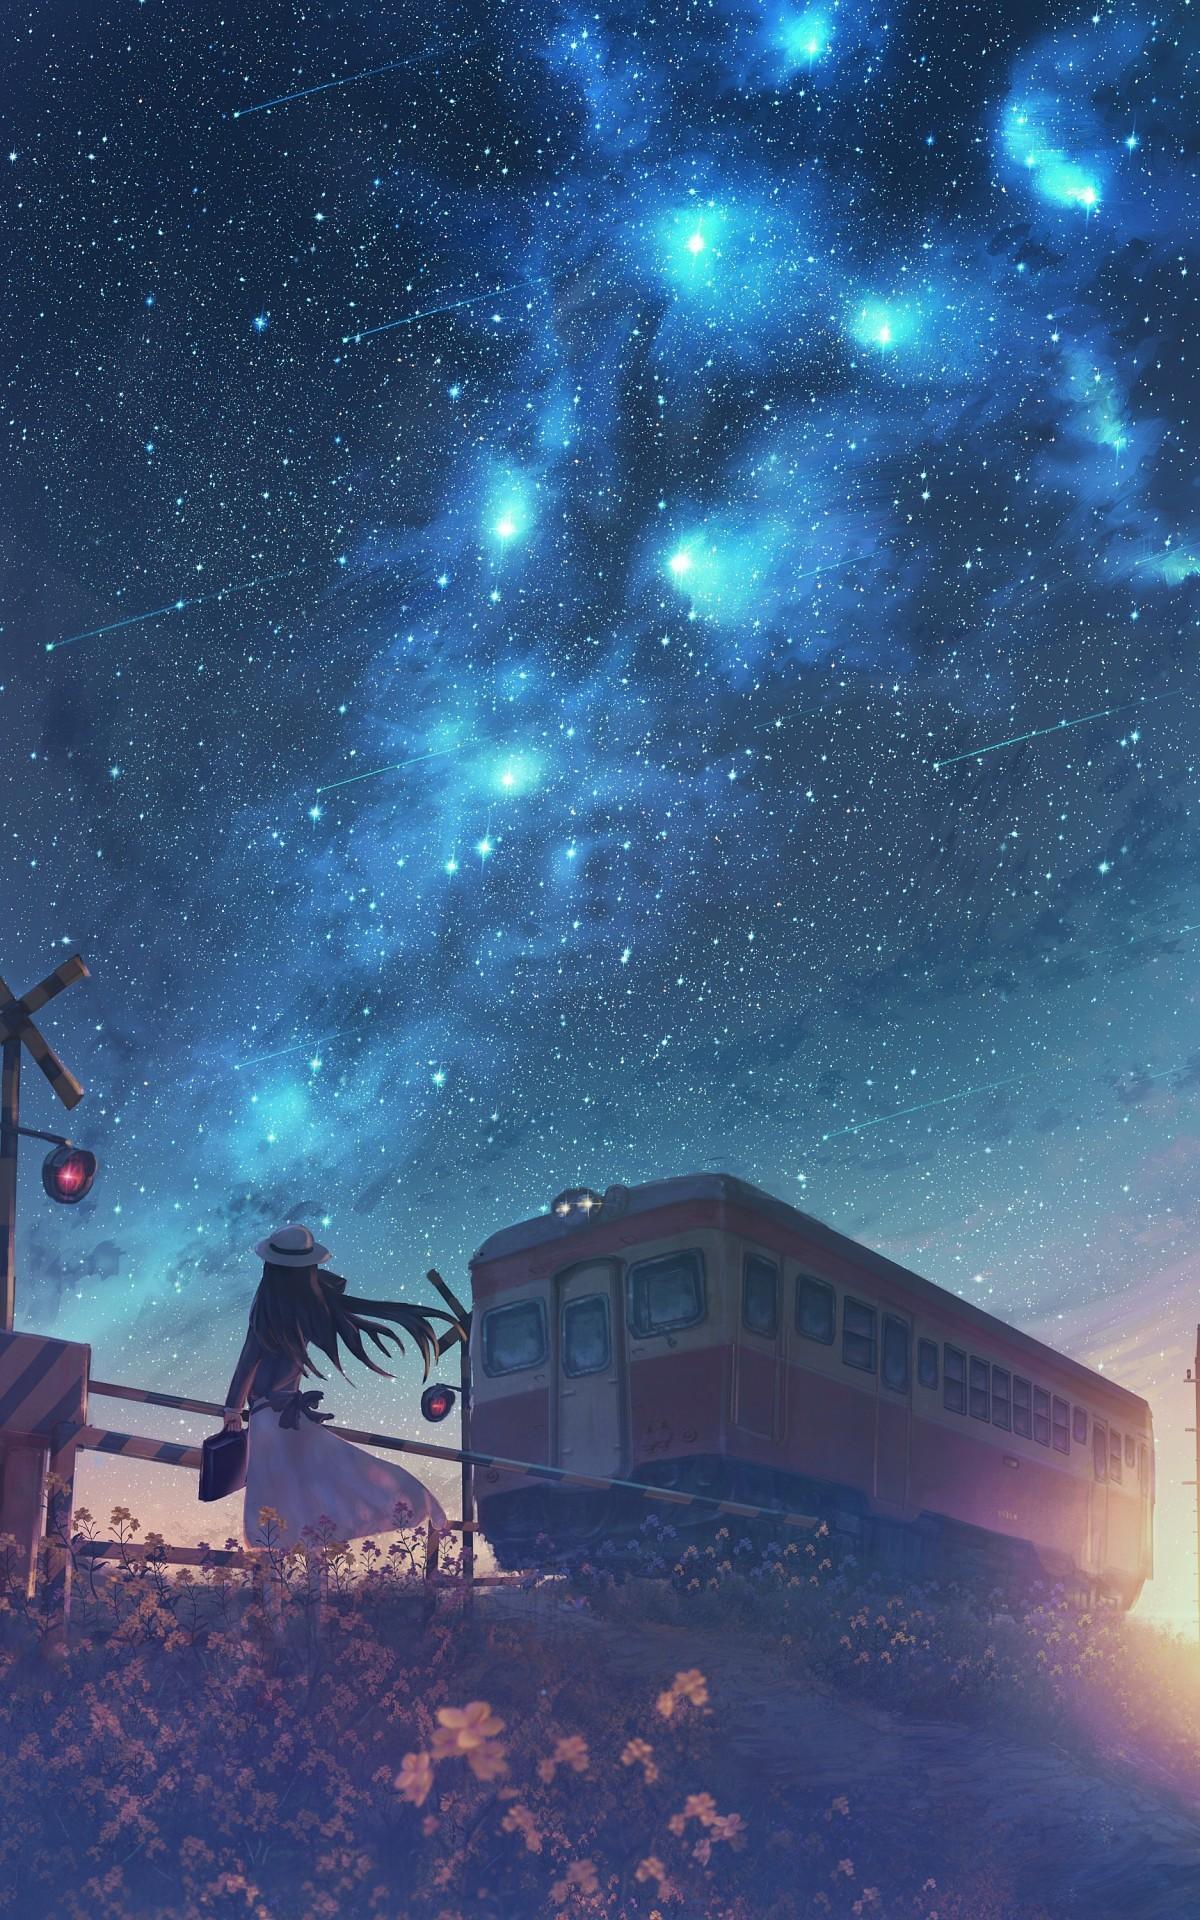 Fond d'écran : Anime, Filles anime, Caractères originaux, nuit étoilée, passage à niveau ...